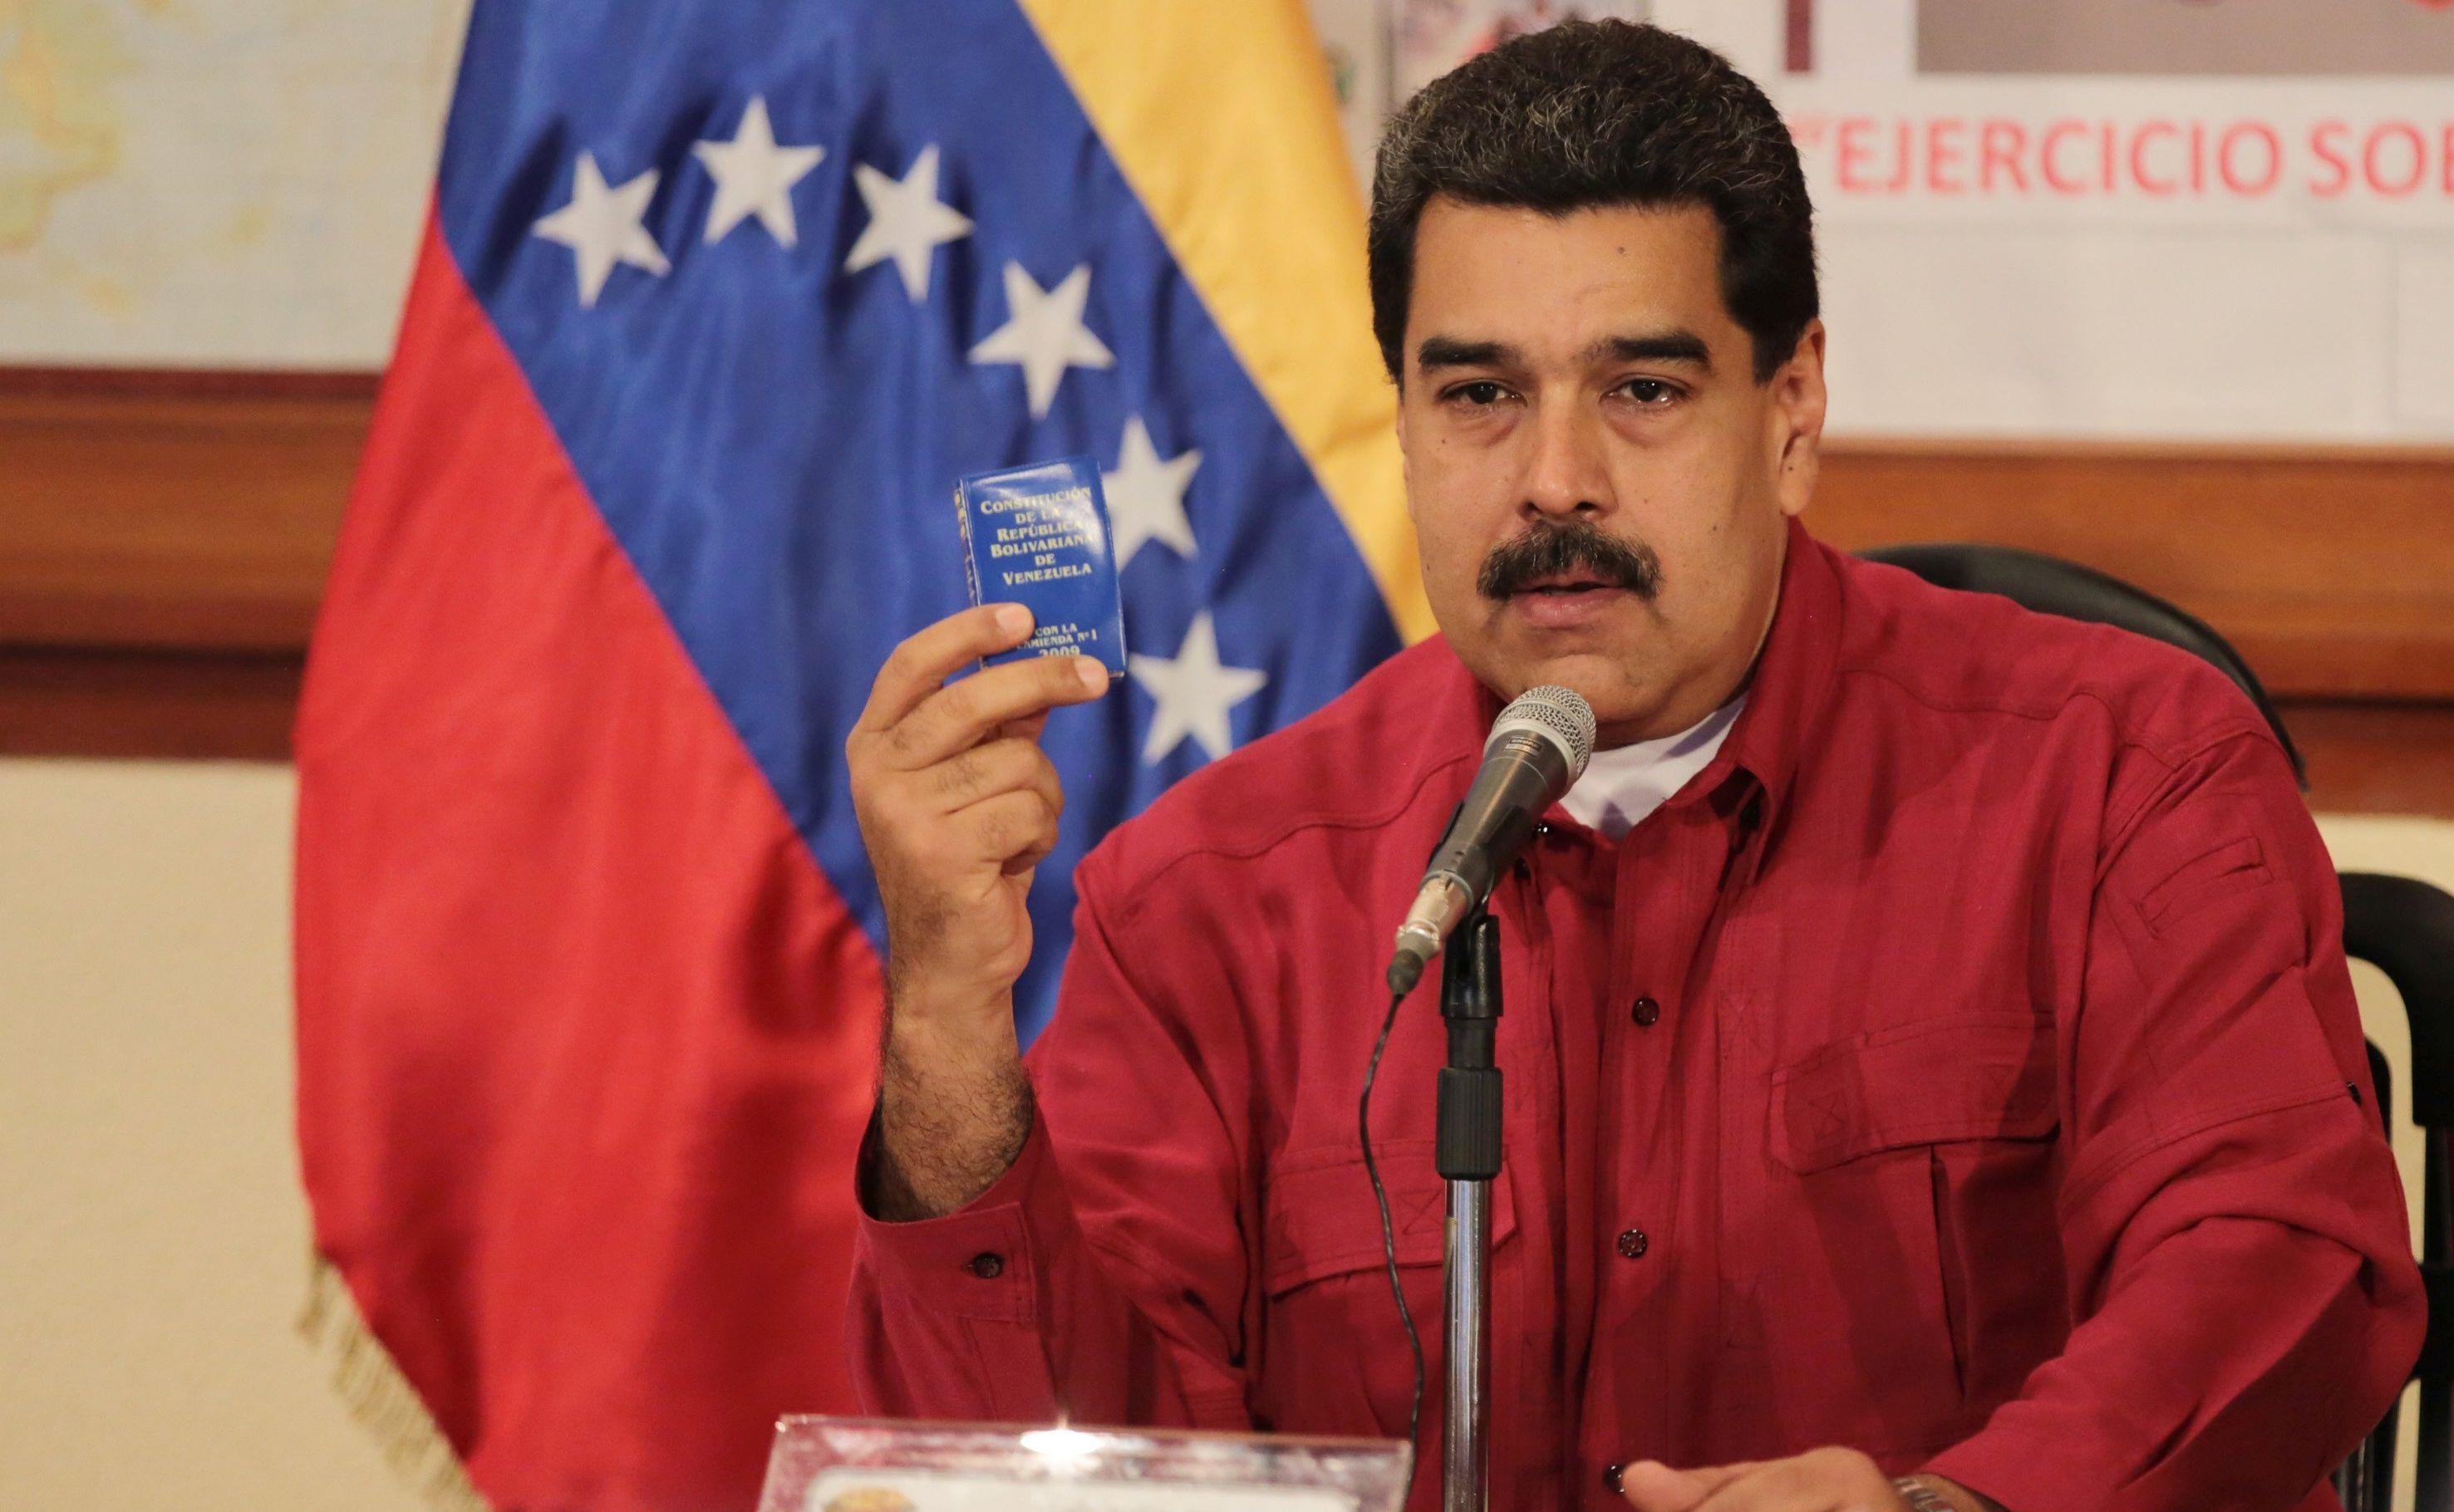 Uskoro izbori u Venezueli, Maduro će se opet kandidirati